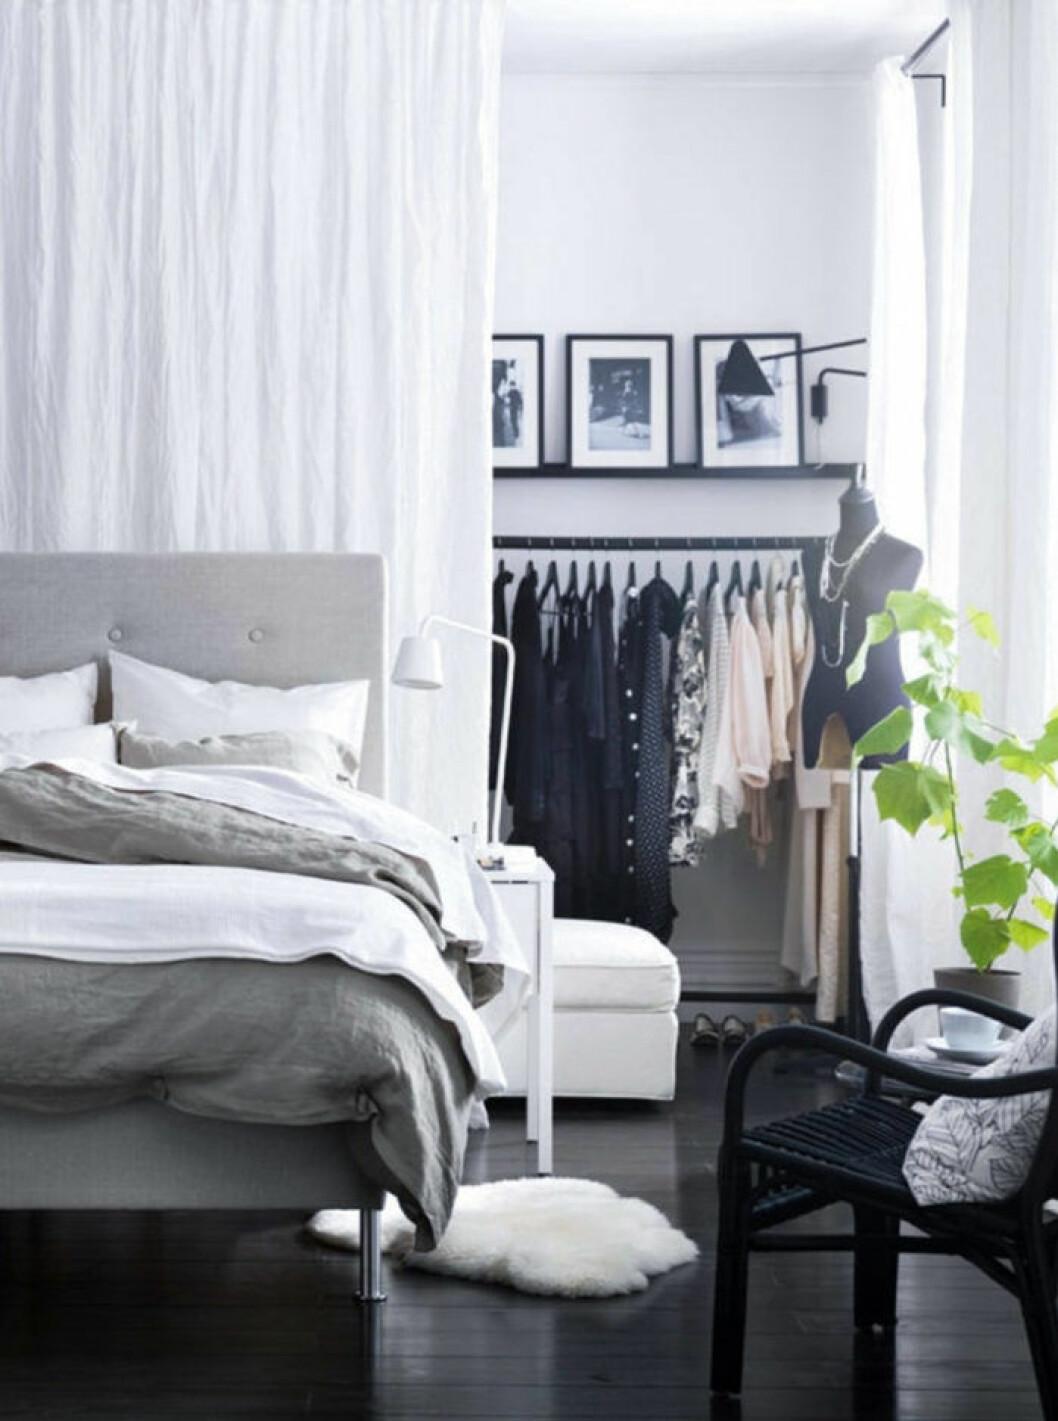 Gör den lilla garderoben lyxig – skärma av garderoben med gardin